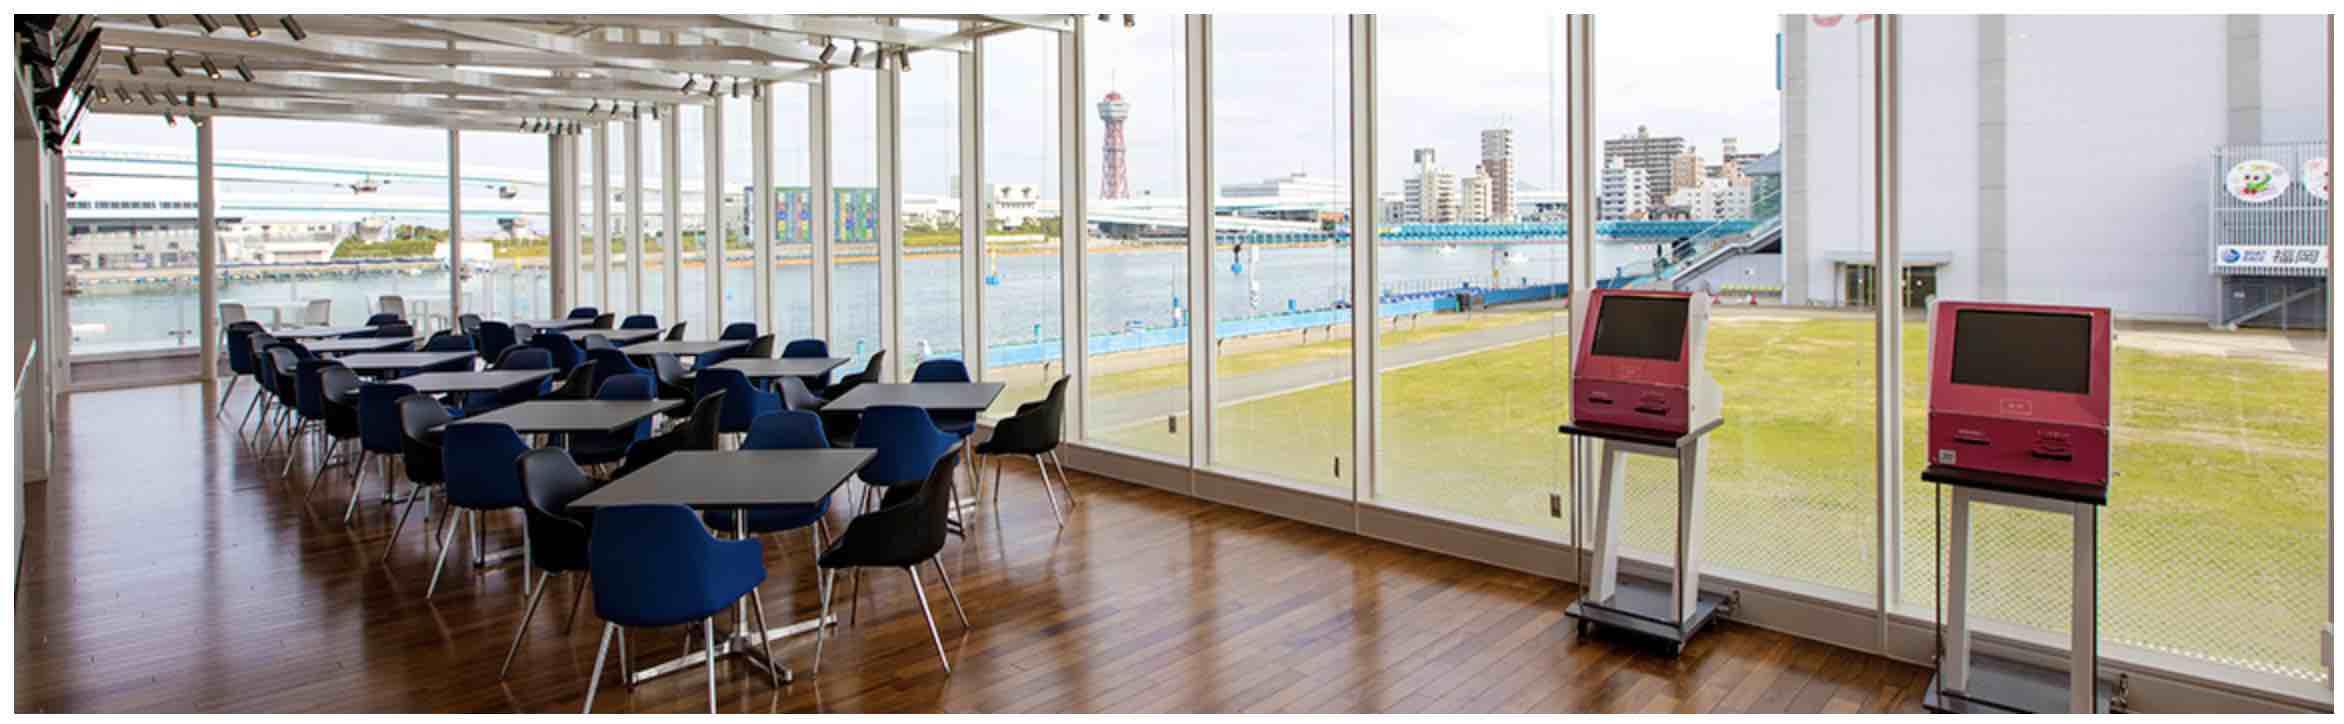 競艇ボートレースの新施設ROKUの画像_中